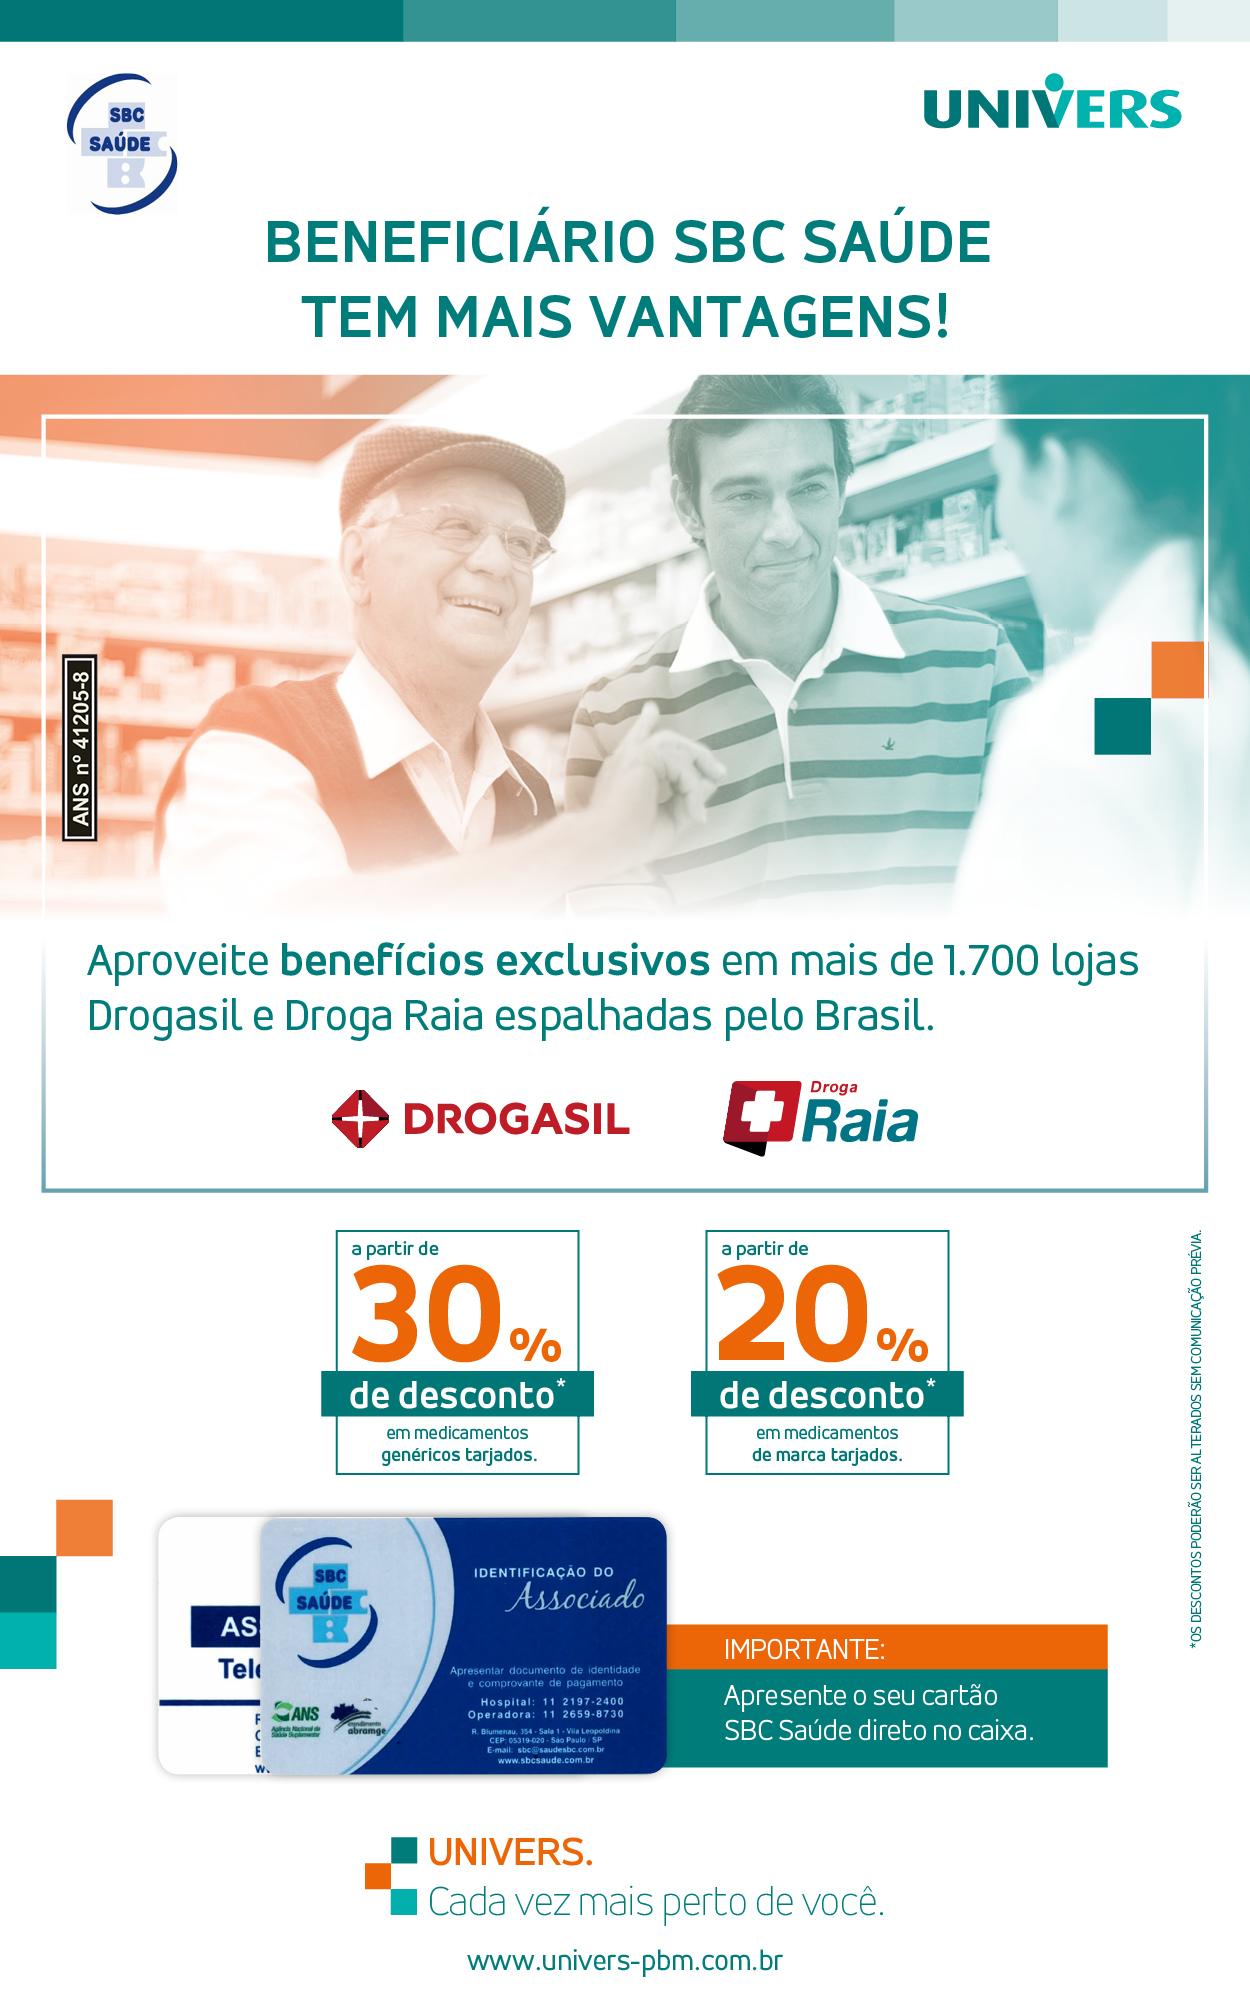 Beneficiário SBC Saúde tem mais vantagens!